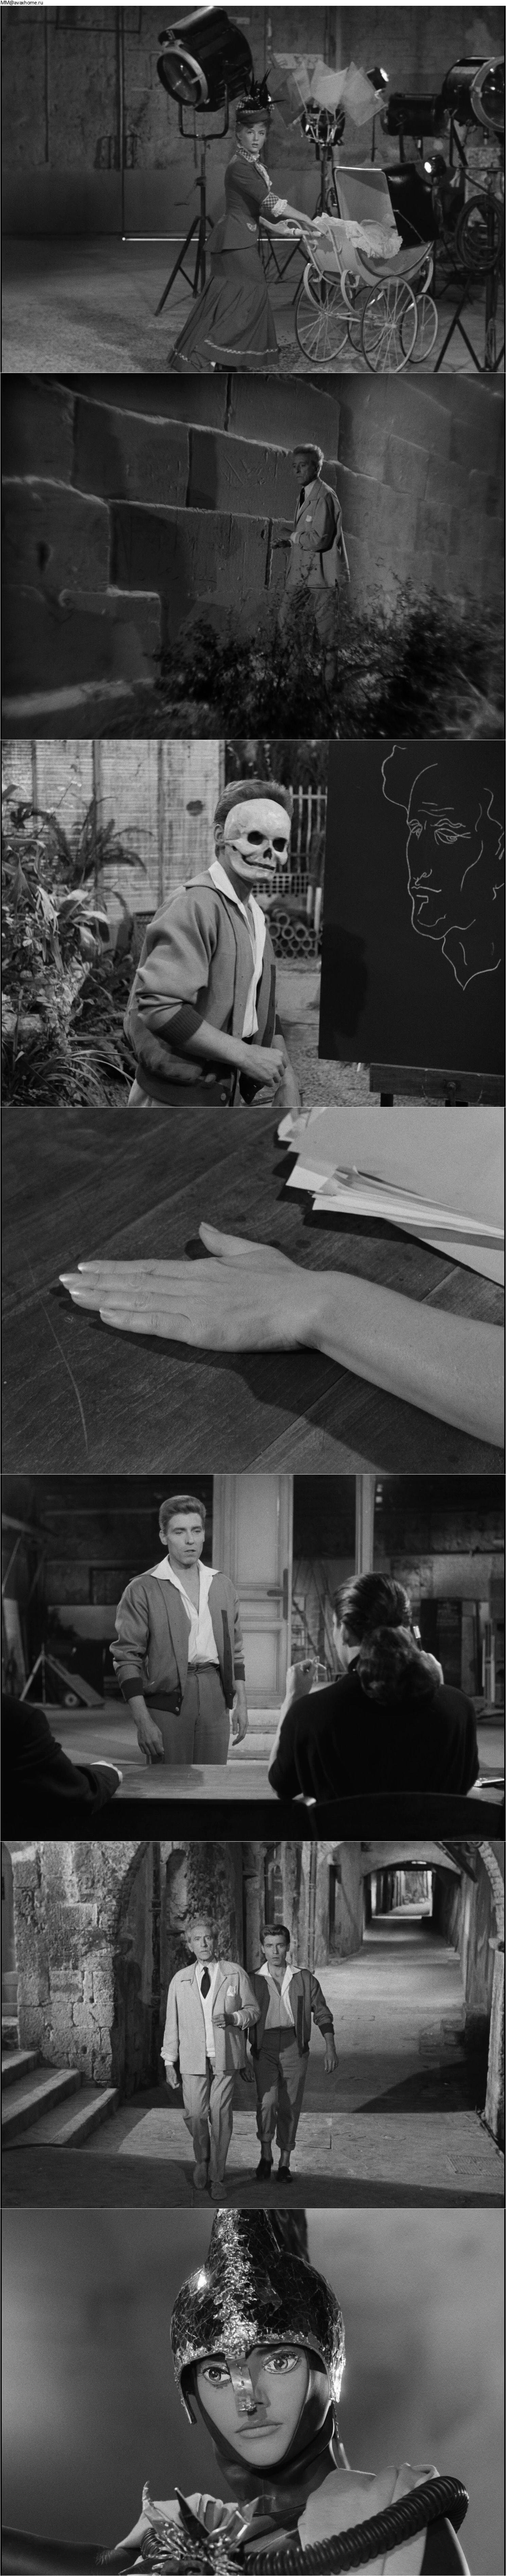 Testament of Orpheus (1960) Le Testament d'Orphée